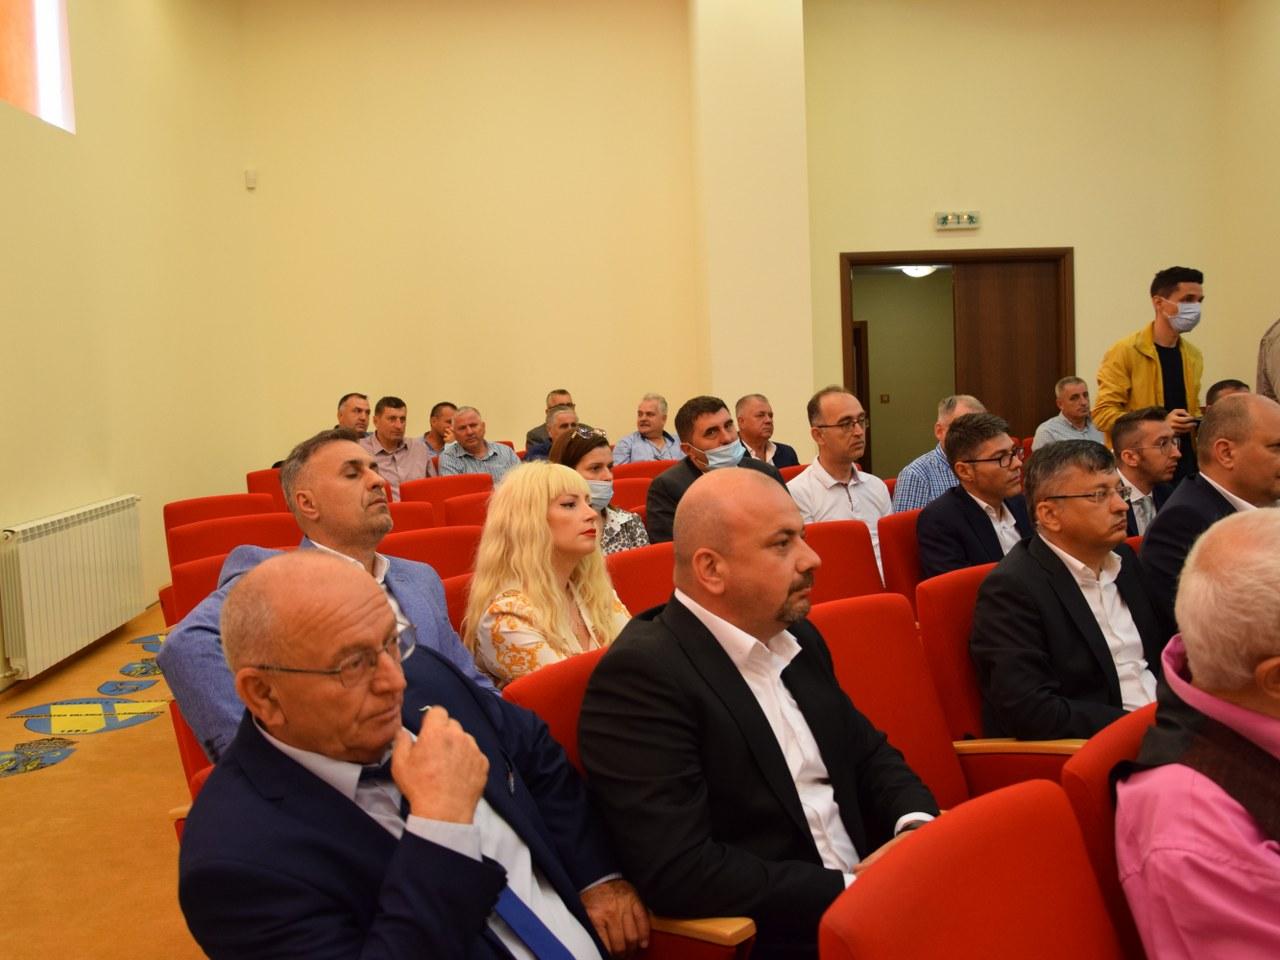 https://www.cjd.ro/storage/comunicate-de-presa/02-07-2021/4928/a-fost-semnat-contractul-de-delegare-a-gestiunii-serviciului-de-colectare-si-transport-al-deseurilor-municipale-in-judetul-dambovita-12.JPG